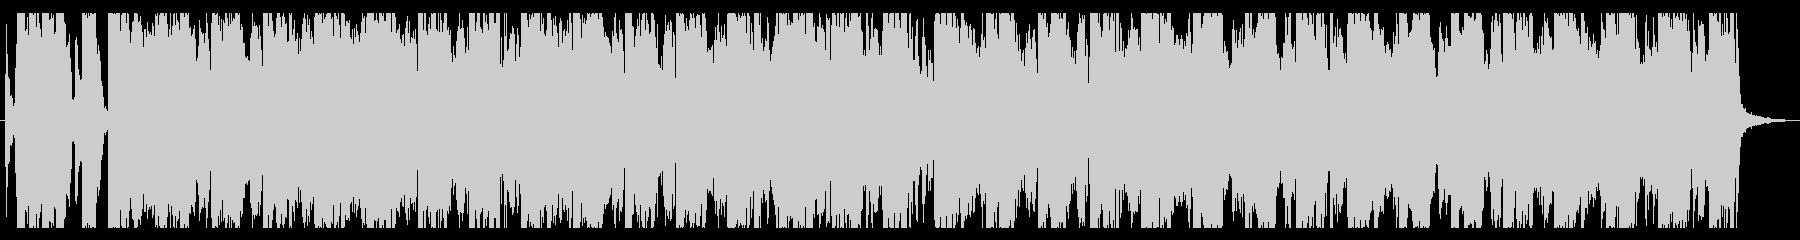 マイナーな雰囲気のロック_No390_5の未再生の波形